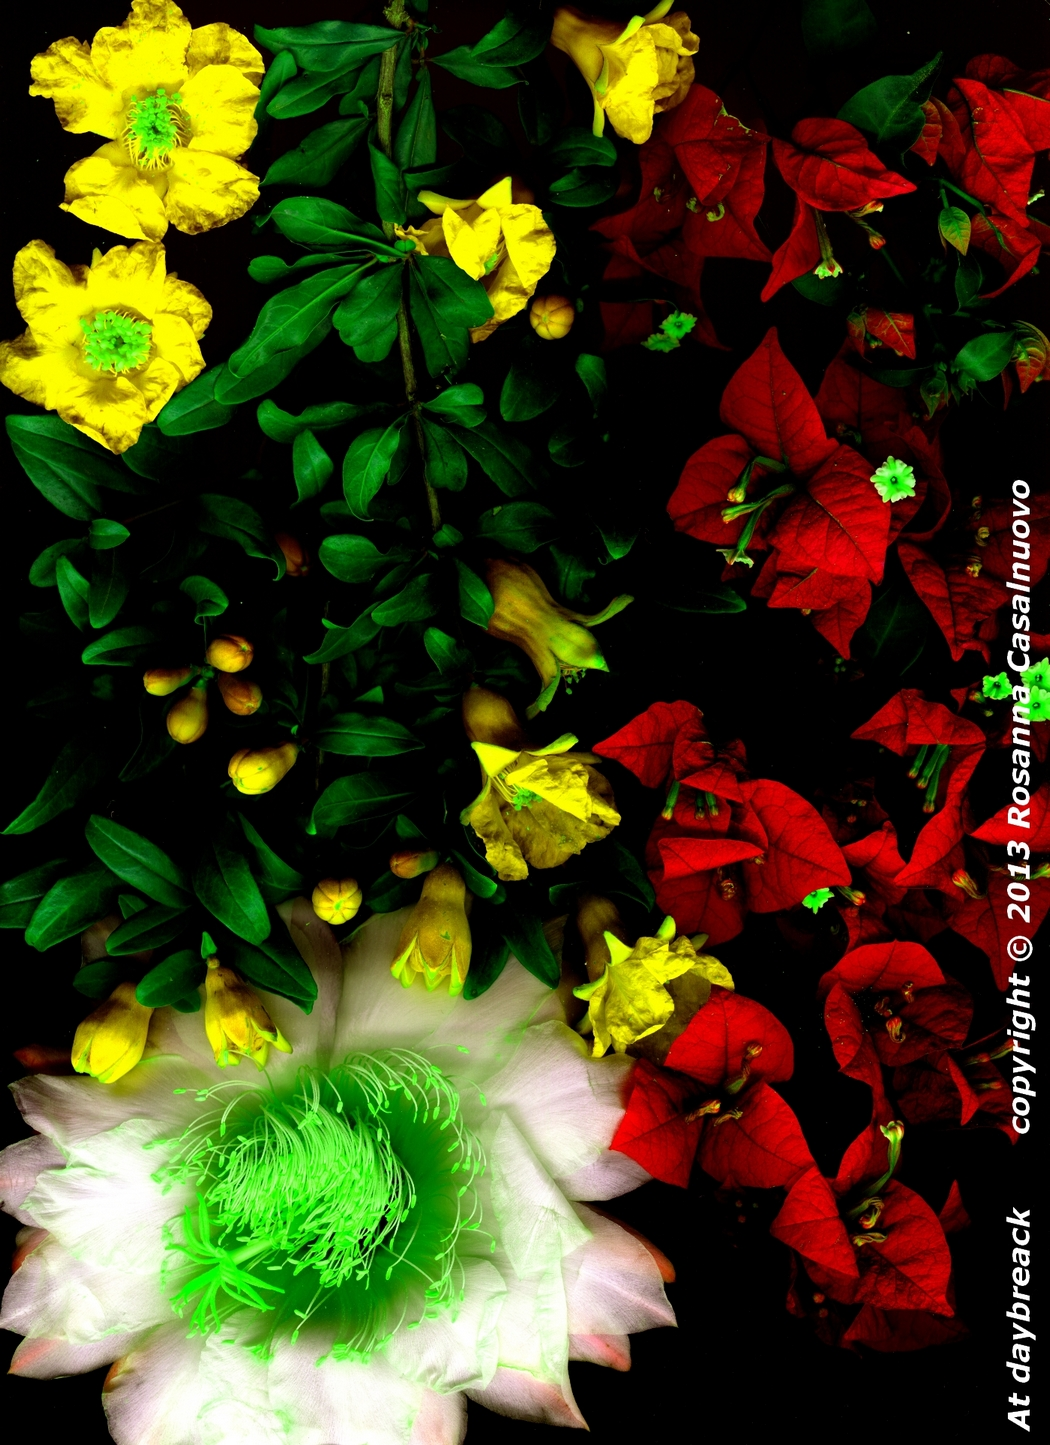 scannografia fiori bougainvillea melograno cactus manipolazione colori